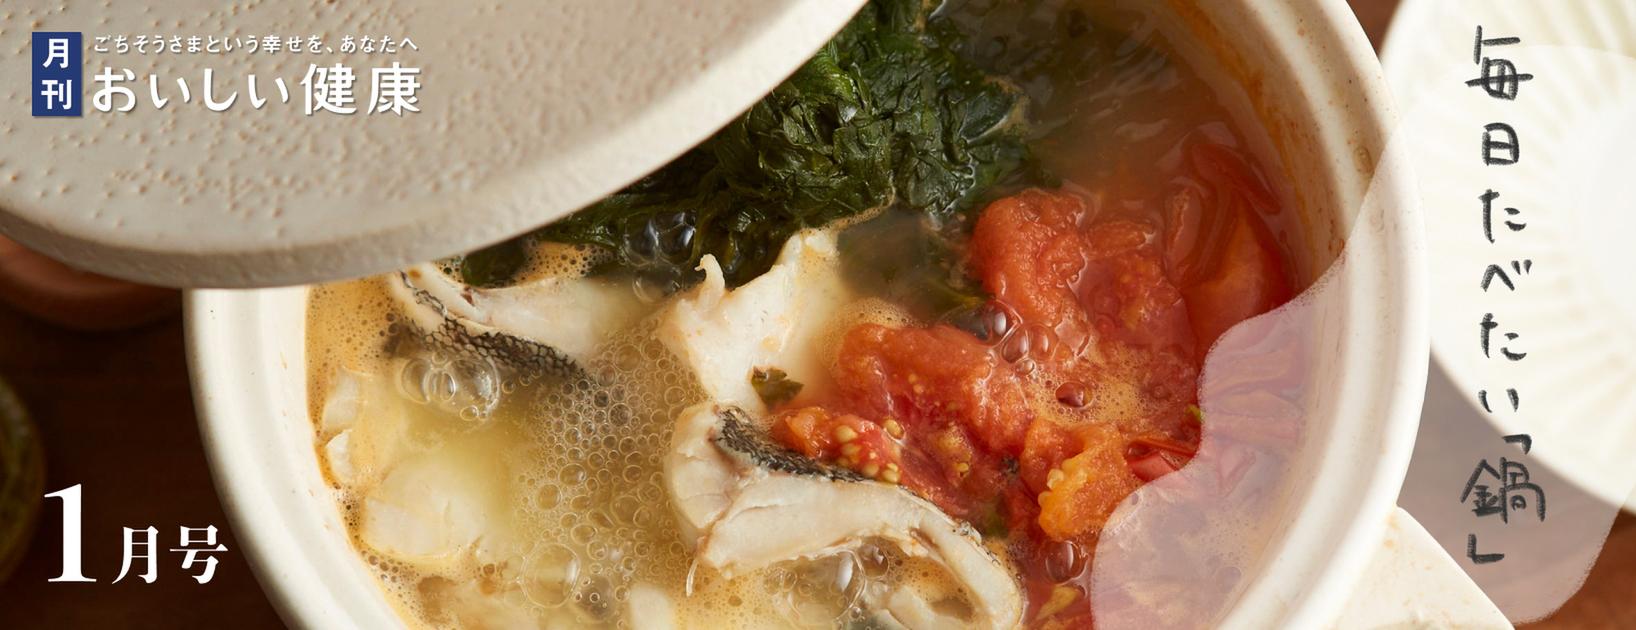 近藤幸子さんの毎日たべたい鍋